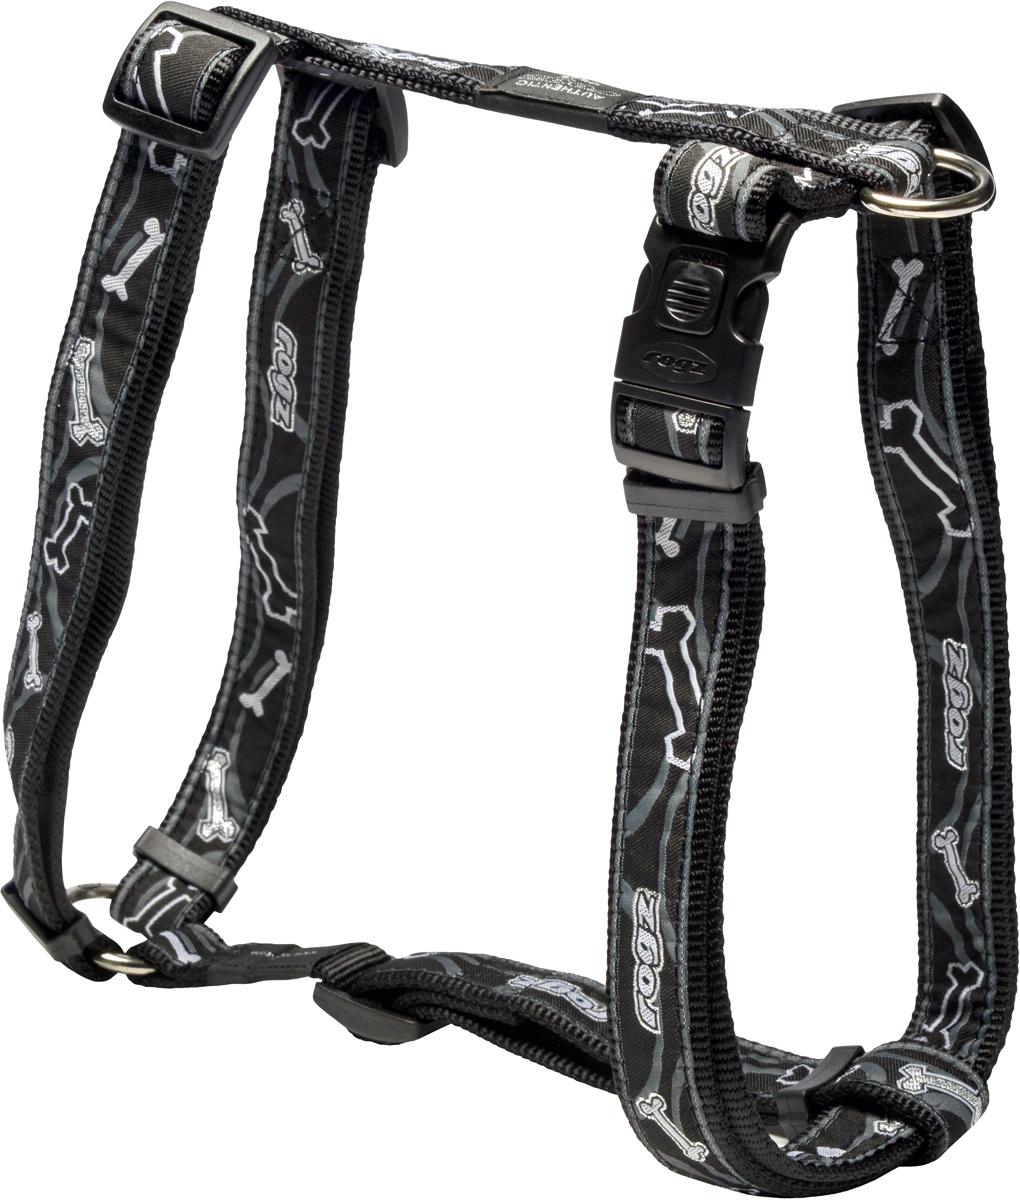 Шлейка для собак Rogz Fancy Dress, цвет: черный, ширина 2,5 смSJ02CBШлейка для собак Rogz Fancy Dress имеет необычный дизайн. Широкая гамма потрясающе красивых орнаментов на прочной тесьме поверх нейлоновой ленты украсит вашего питомца.Застегивается, не доставляя неудобство собаке.Специальная конструкция пряжки Rog Loc - очень крепкая(система Fort Knox). Замок может быть расстегнут только рукой человека.С помощью системы ремней изделие подгоняется под животного индивидуально.Необыкновенно крепкая и прочная шлейка.Выполненные по заказу литые кольца выдерживают значительные физические нагрузки и имеют хромирование, нанесенное гальваническим способом, что позволяет избежать коррозии и потускнения изделия.Легко можно прикрепить к ошейнику и поводку.